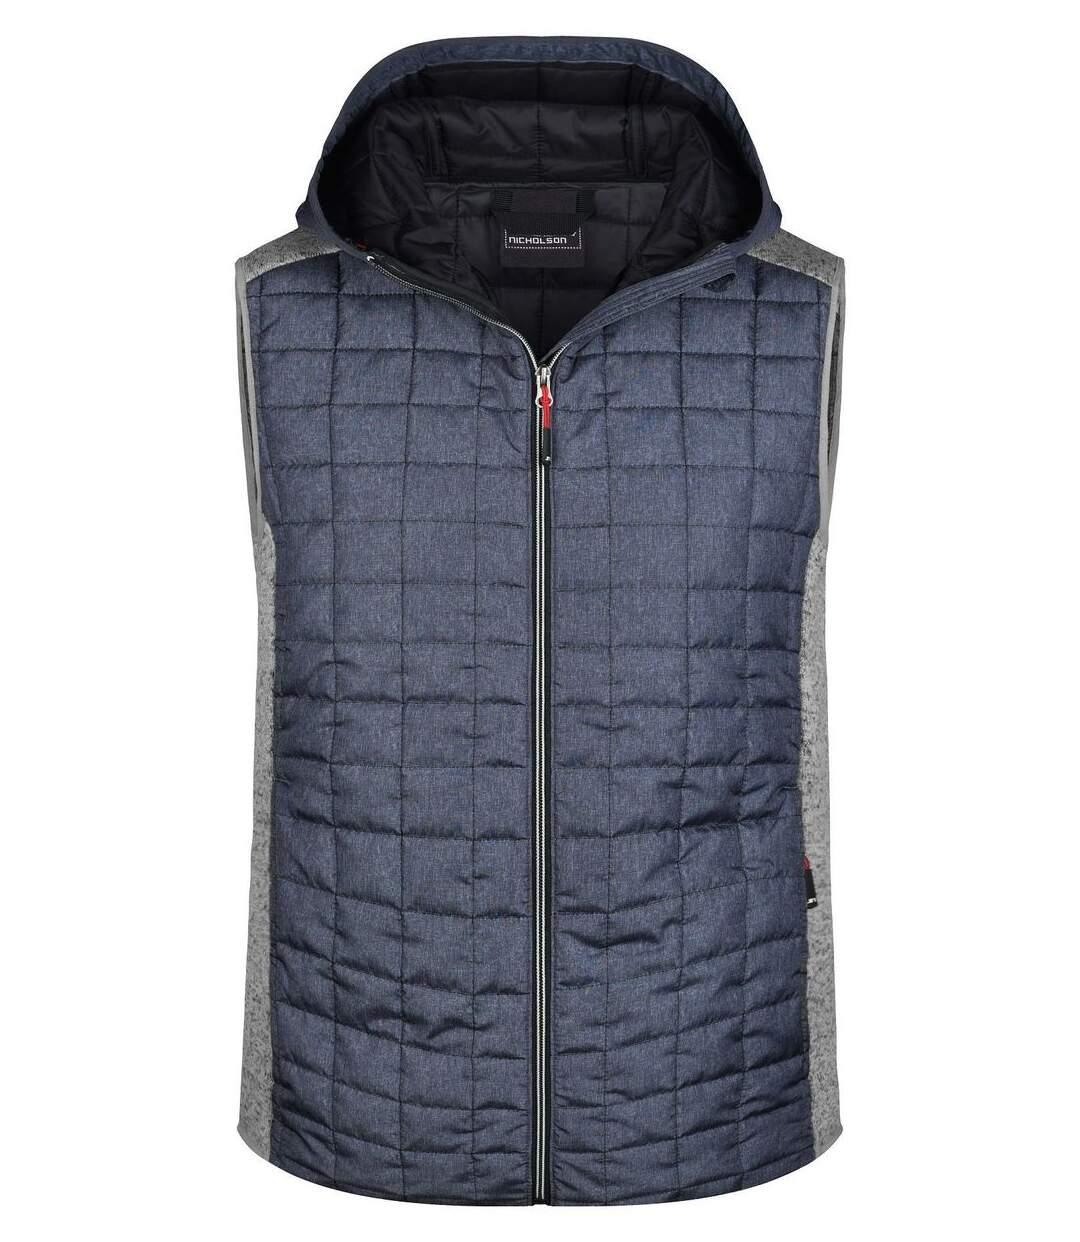 Veste tricot matelassée sans manches - homme - JN768 - gris foncé et gris clair